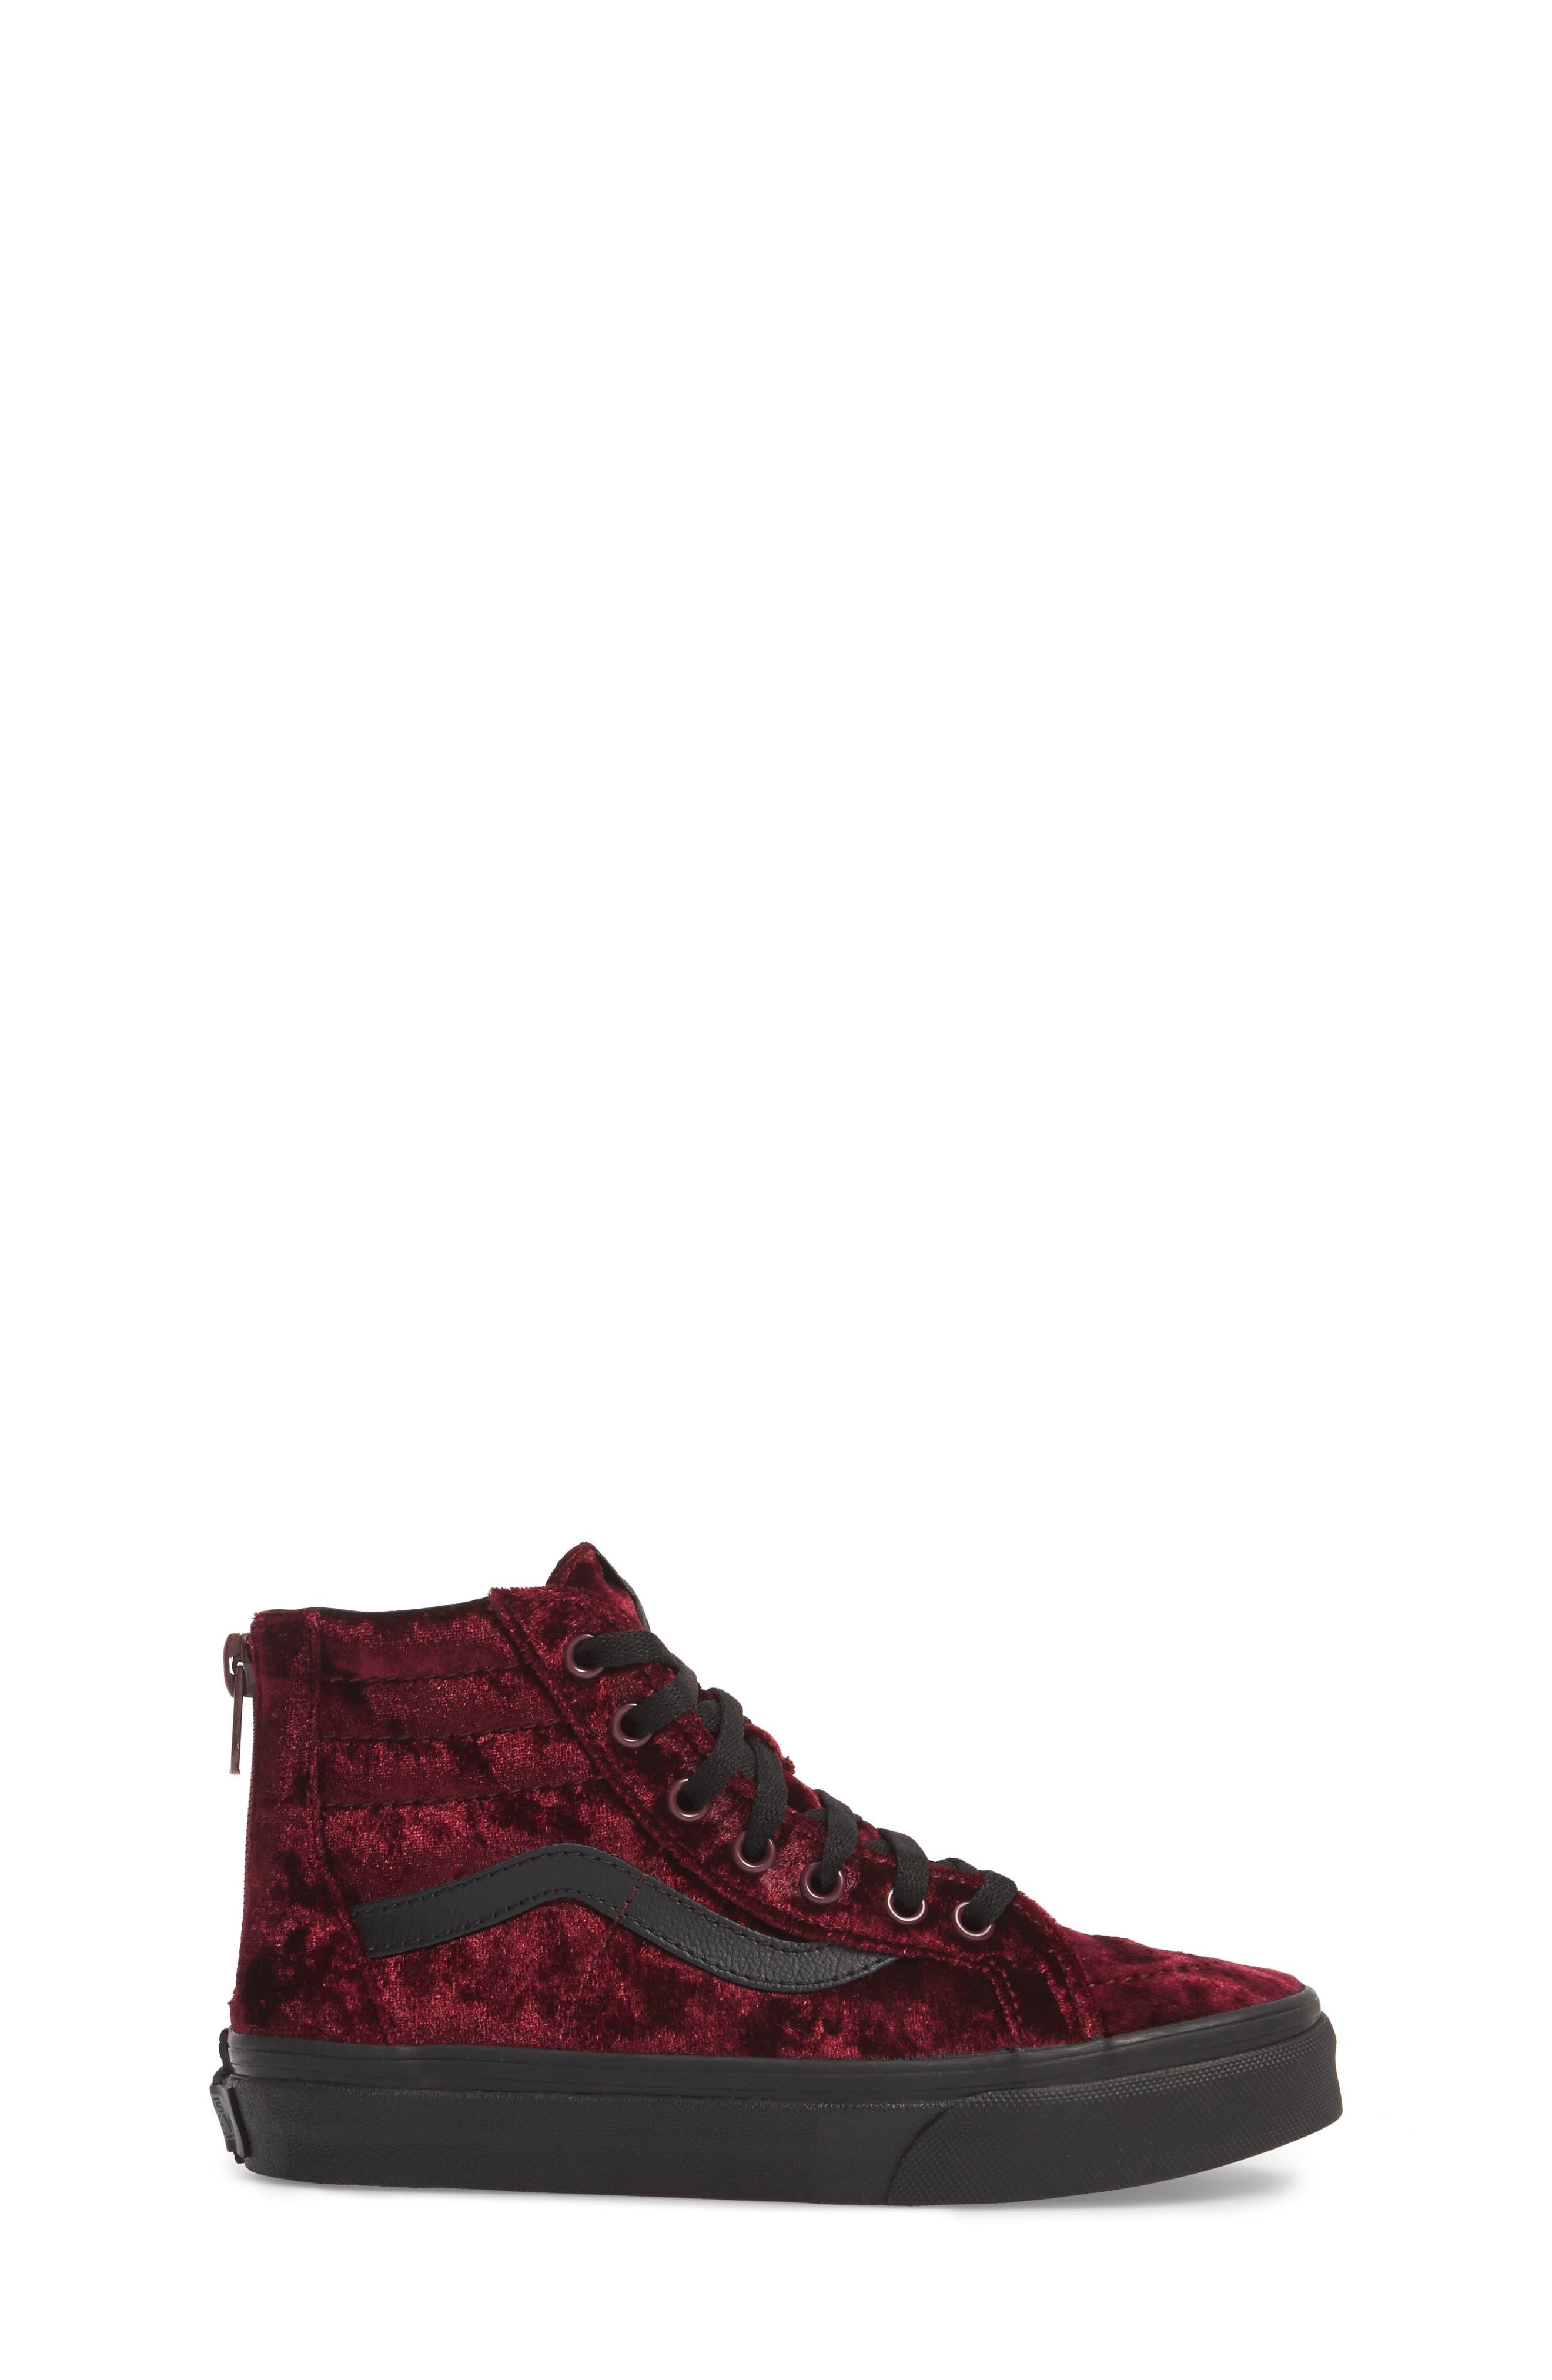 SK8-Hi Zip Sneaker,                             Alternate thumbnail 9, color,